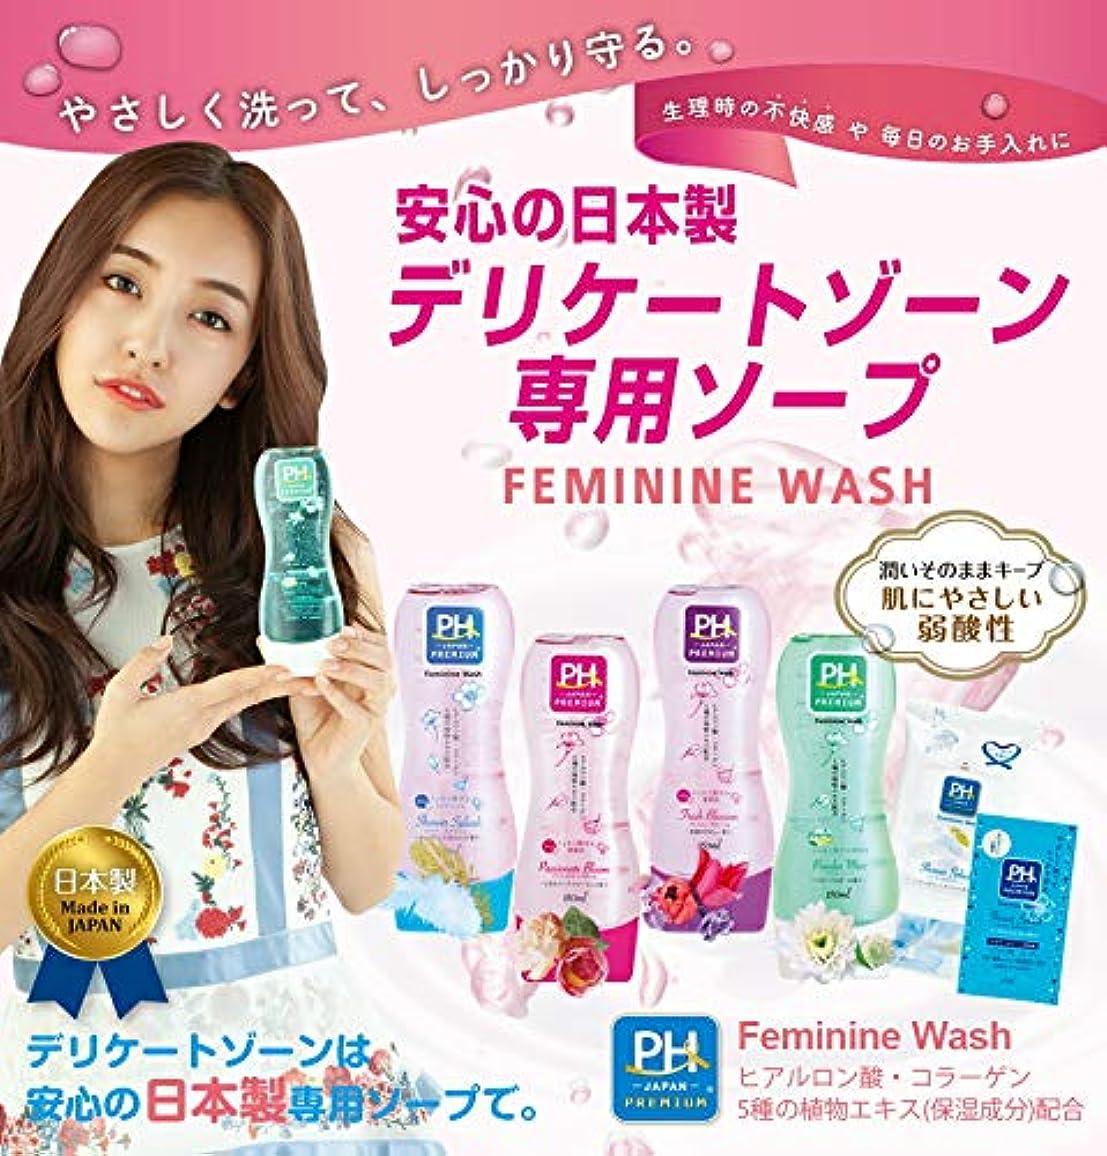 再編成する判決赤道パウダーミント3本セット PH JAPAN フェミニンウォッシュ ベビーパウダーの香り